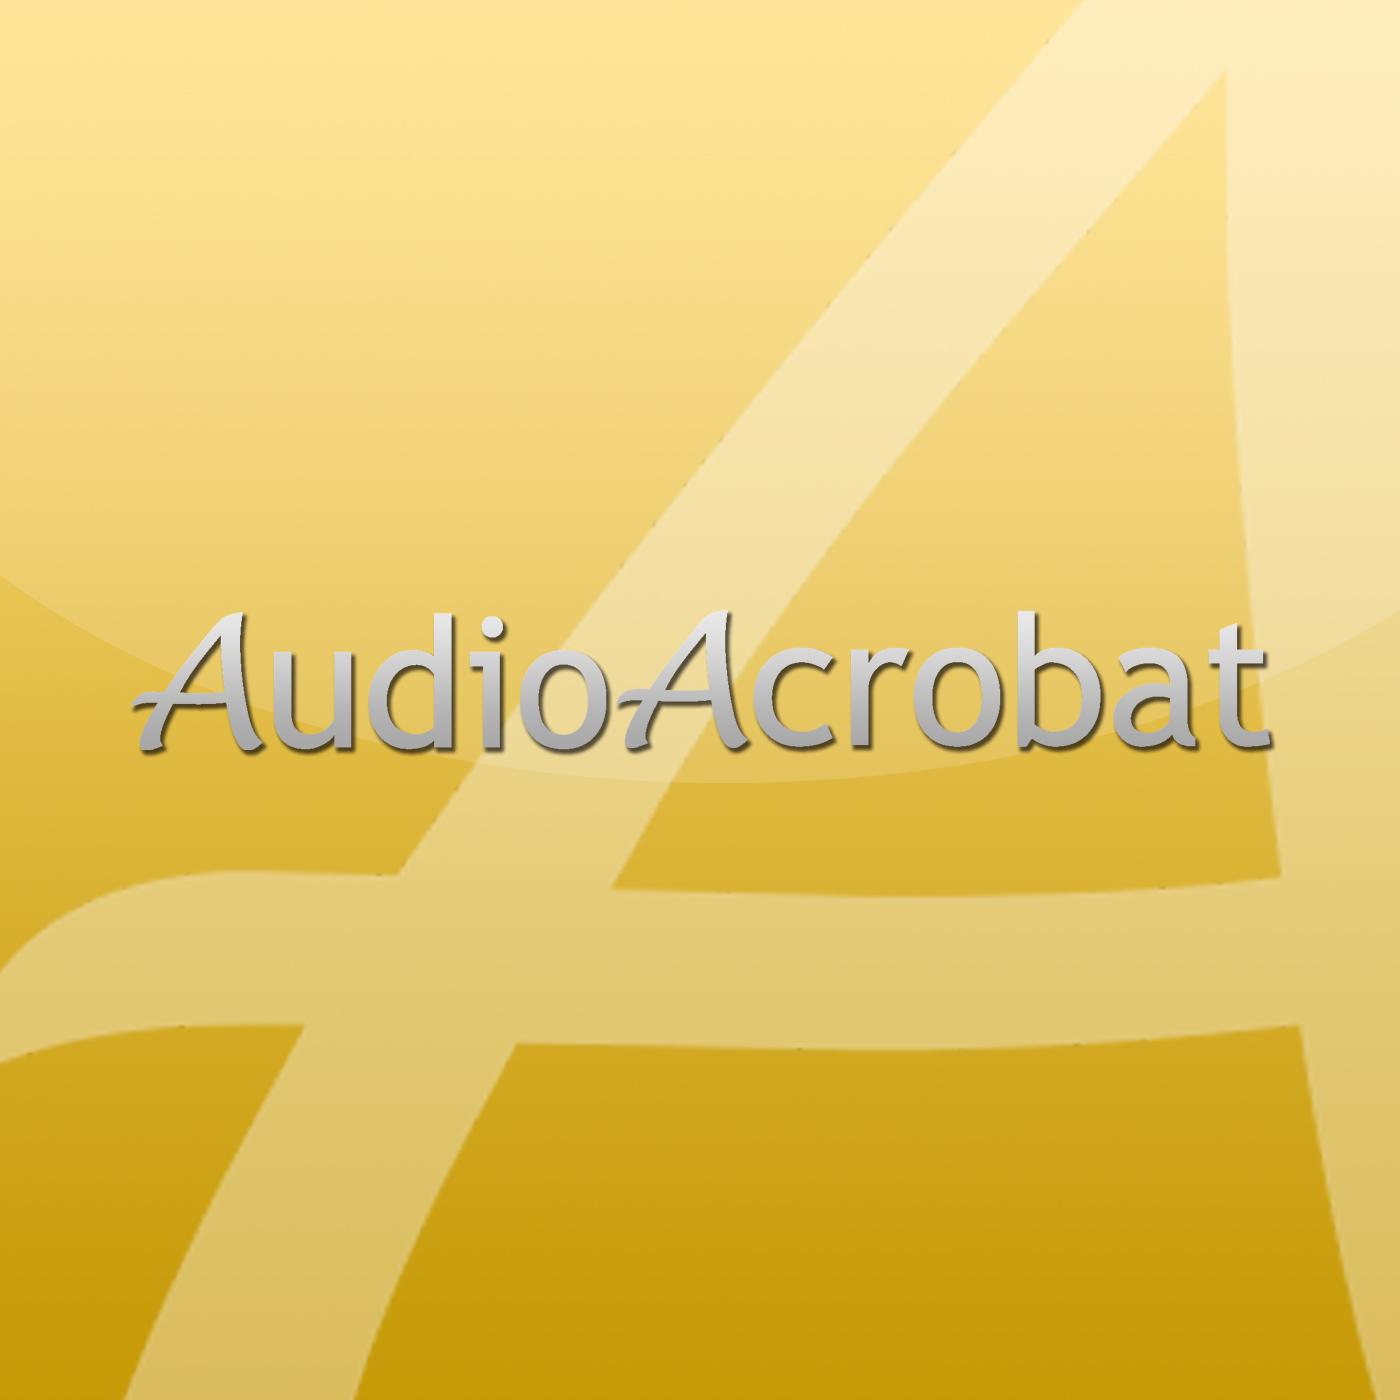 Center for Spiritual Living, SL St Louis